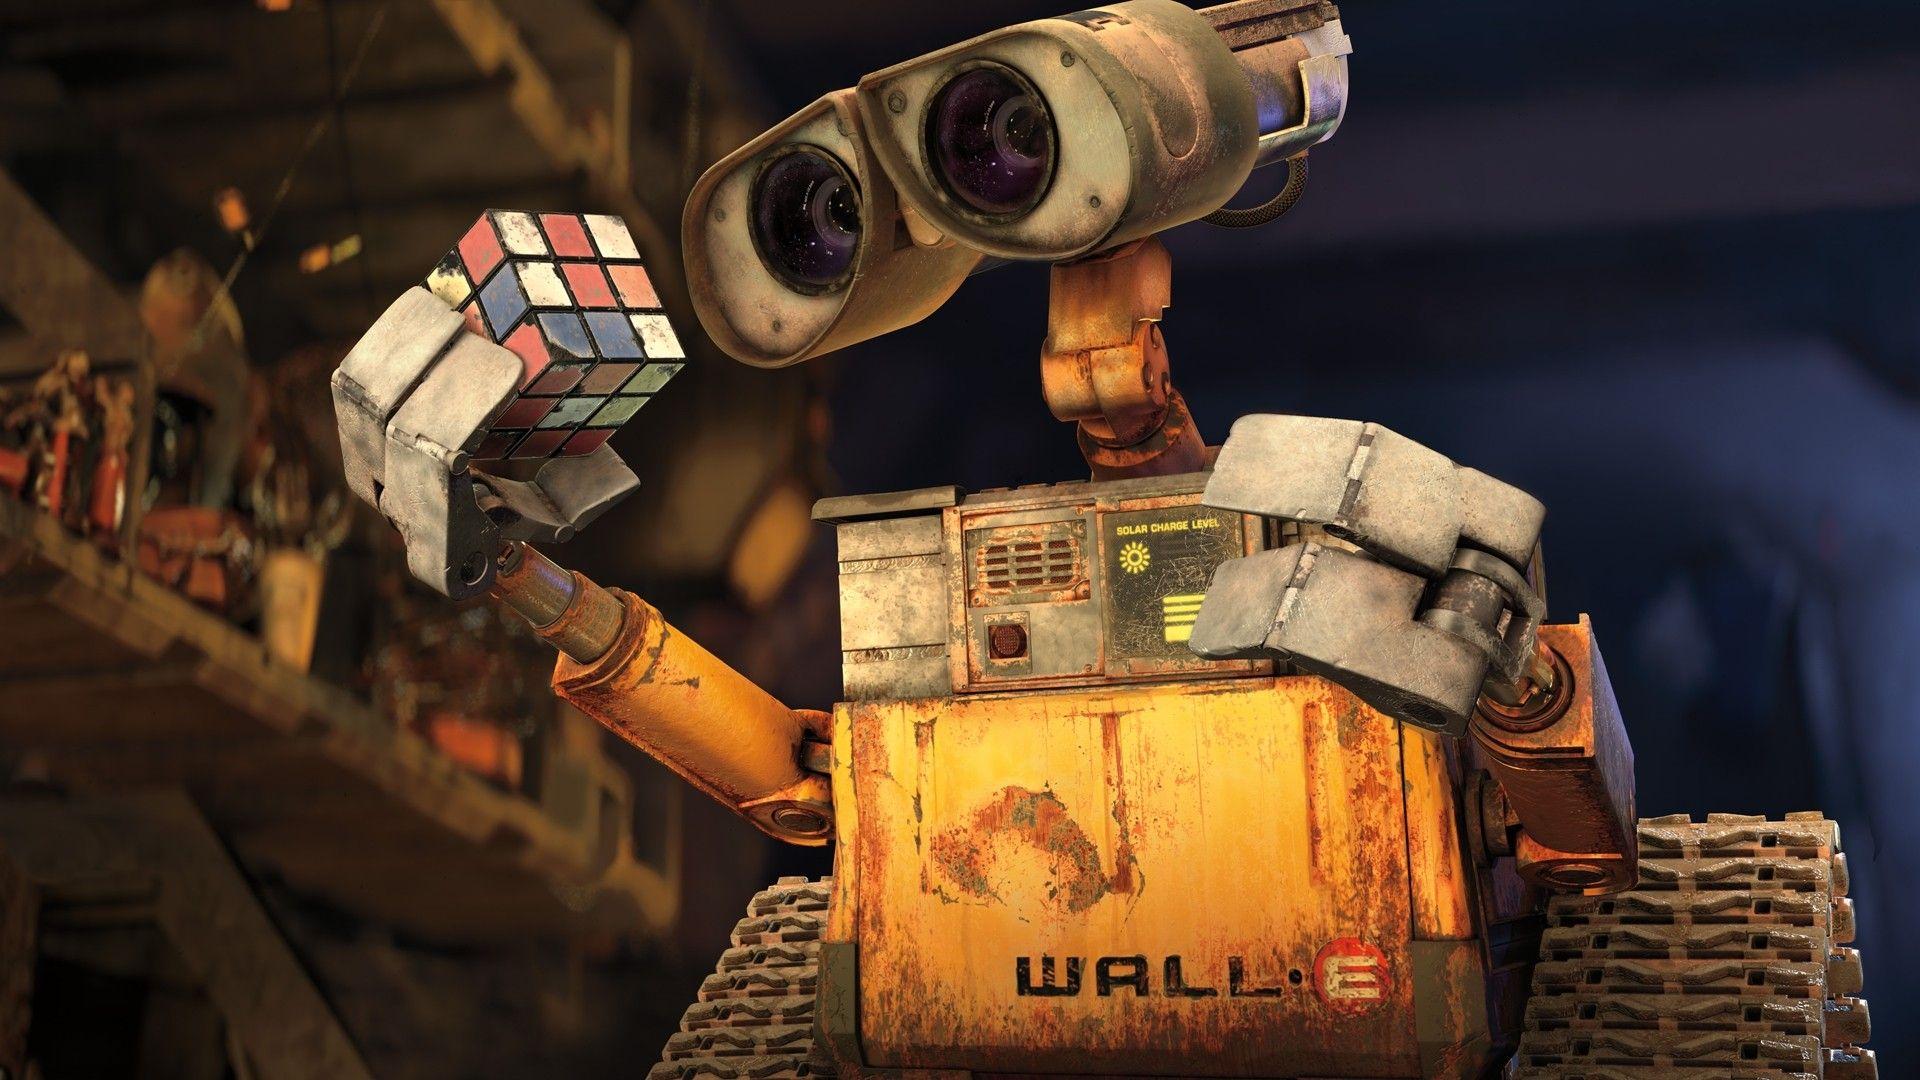 ВАЛЛ·И (WALL·E) 2008